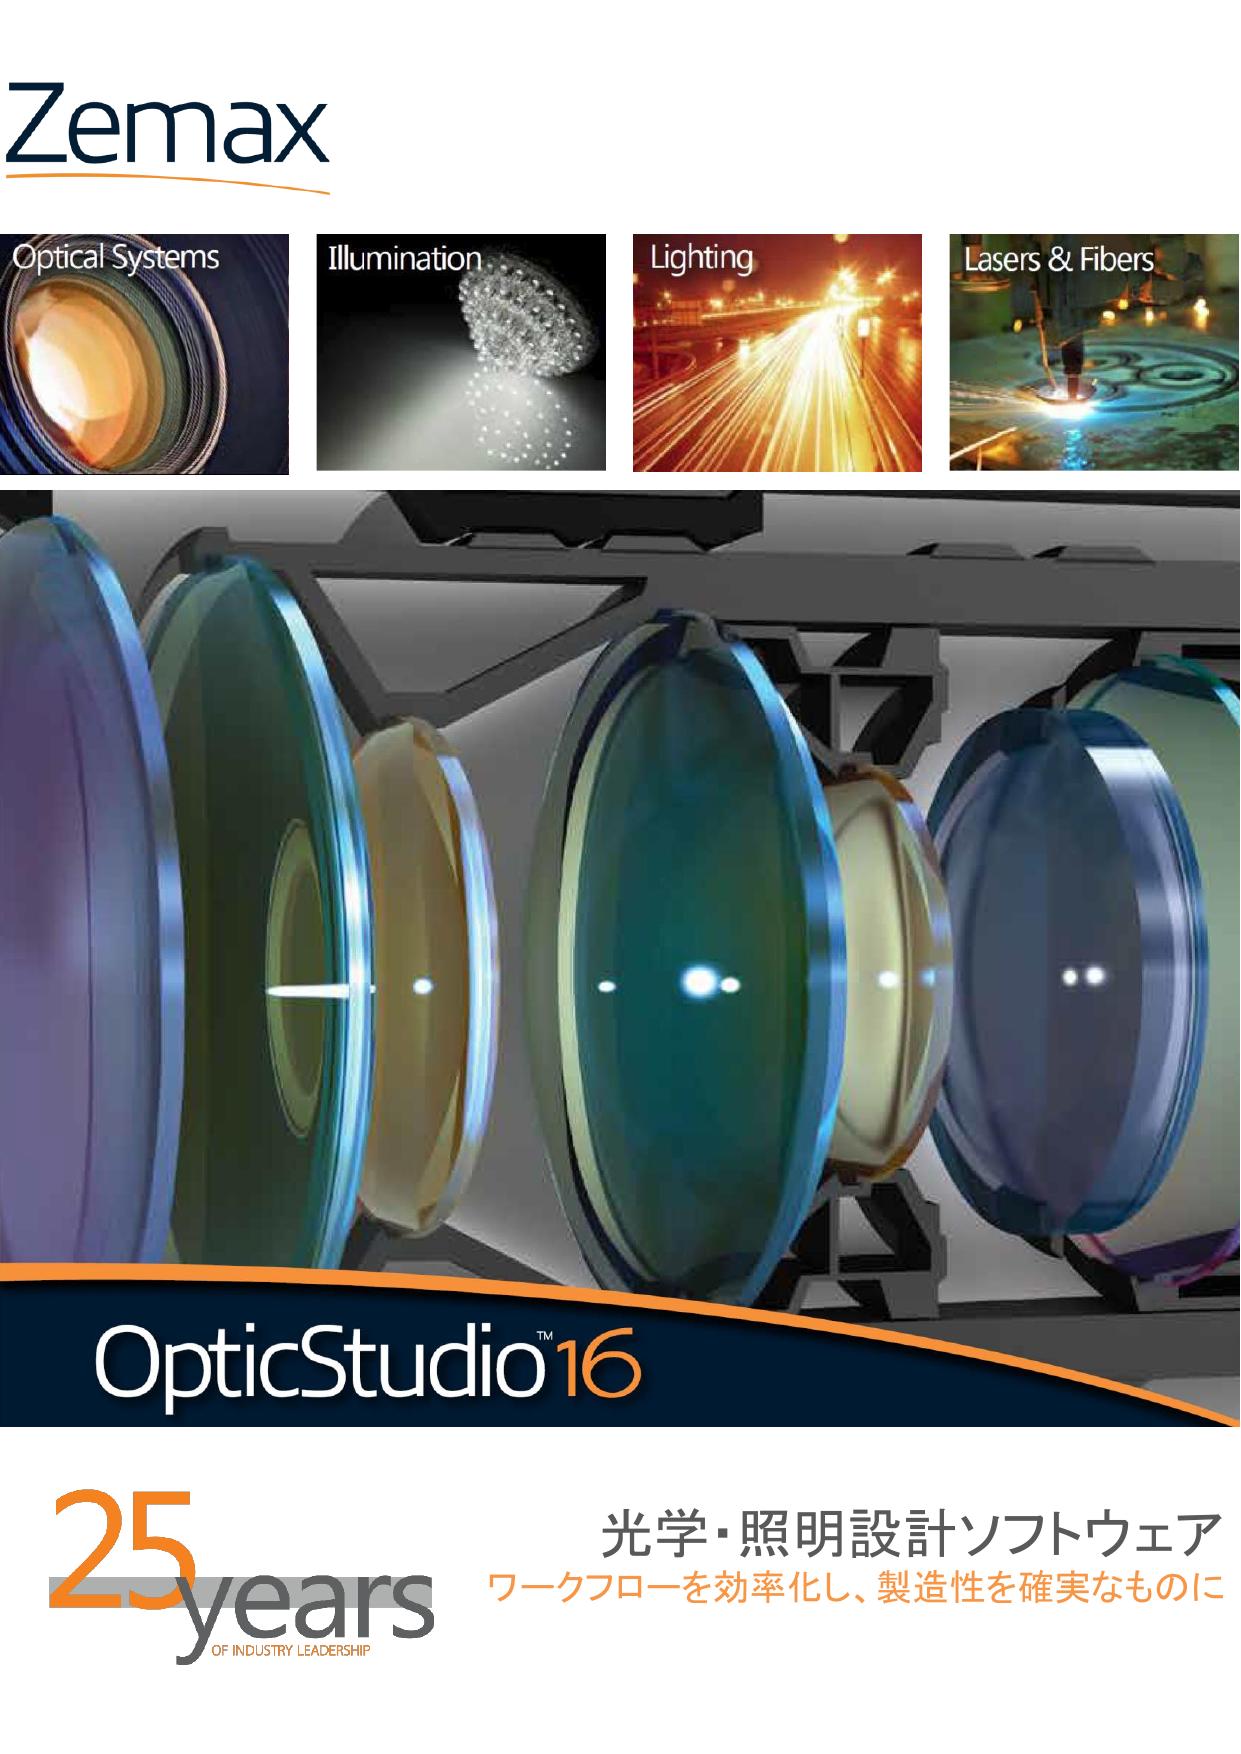 光学・照明設計ソフトウェア OpticStudio Pricing